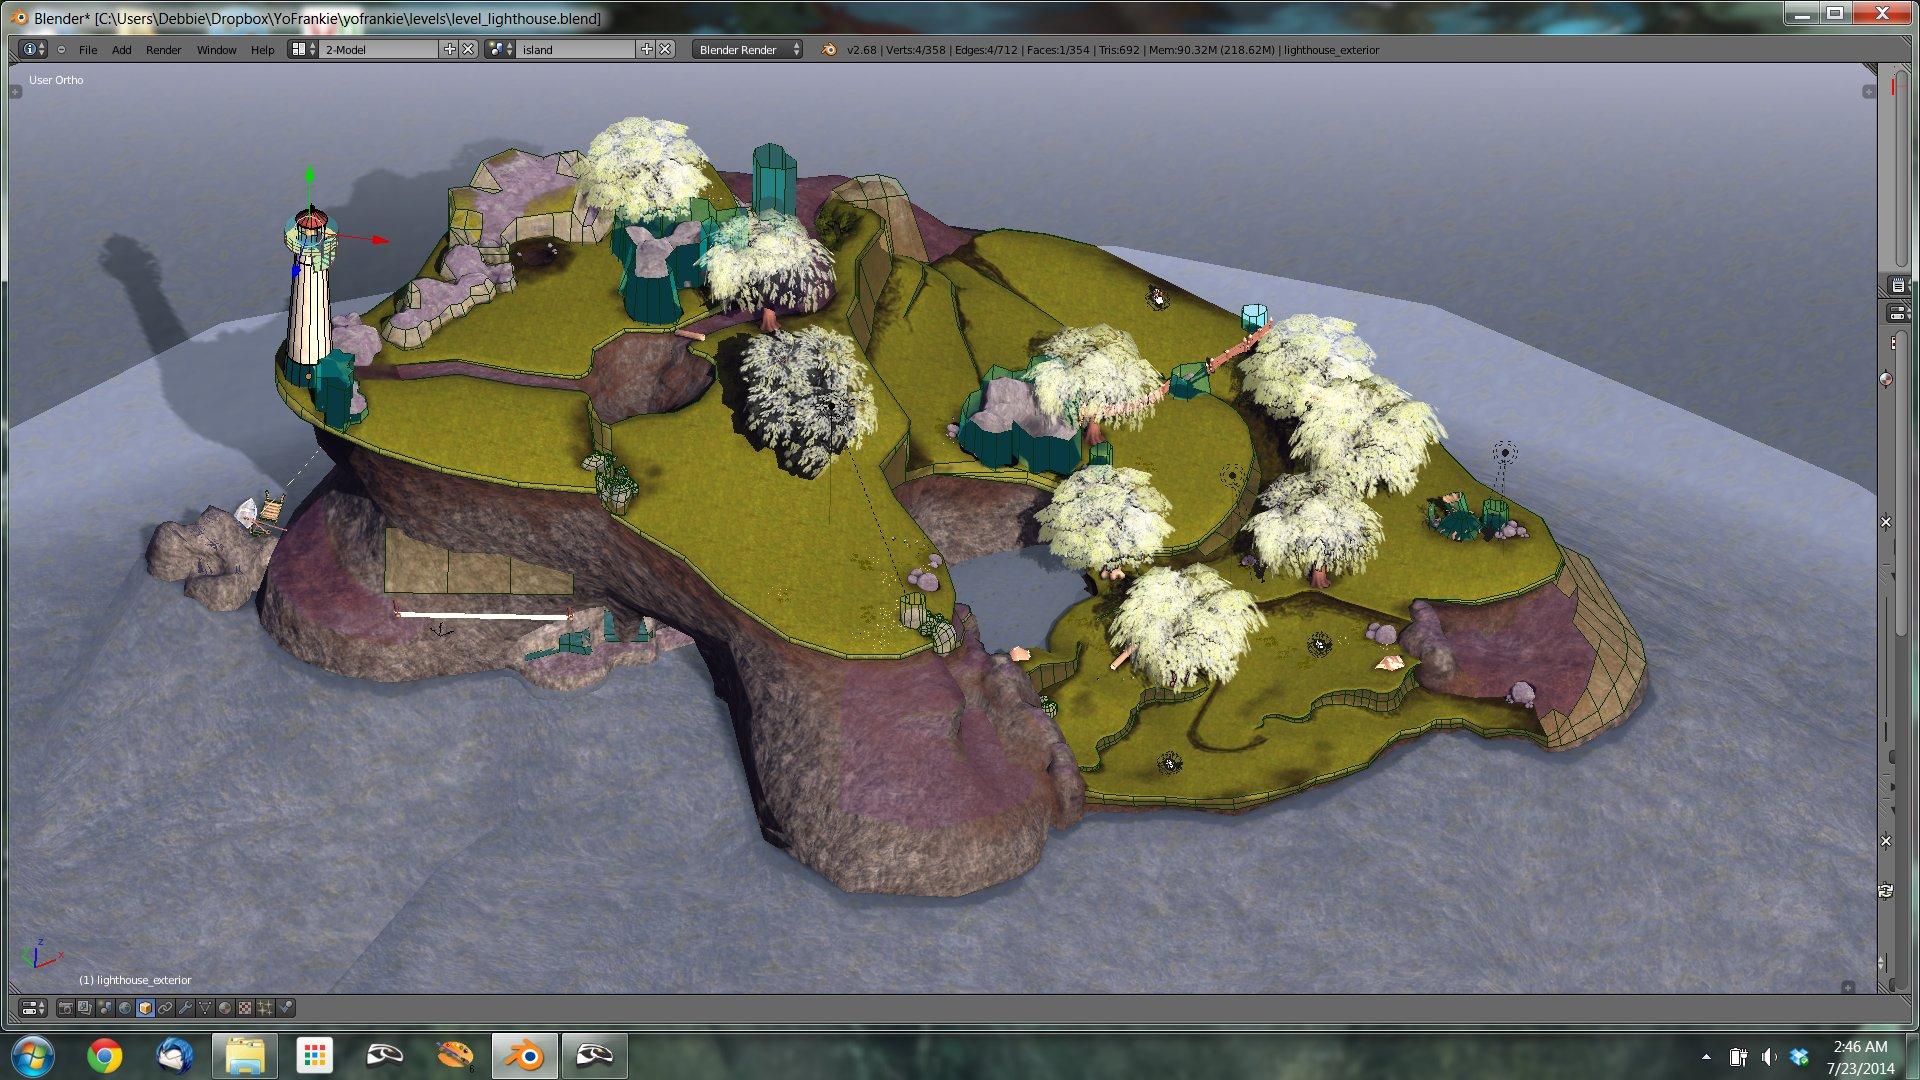 Game maker color blend - Blender View Of Lighthouse Level